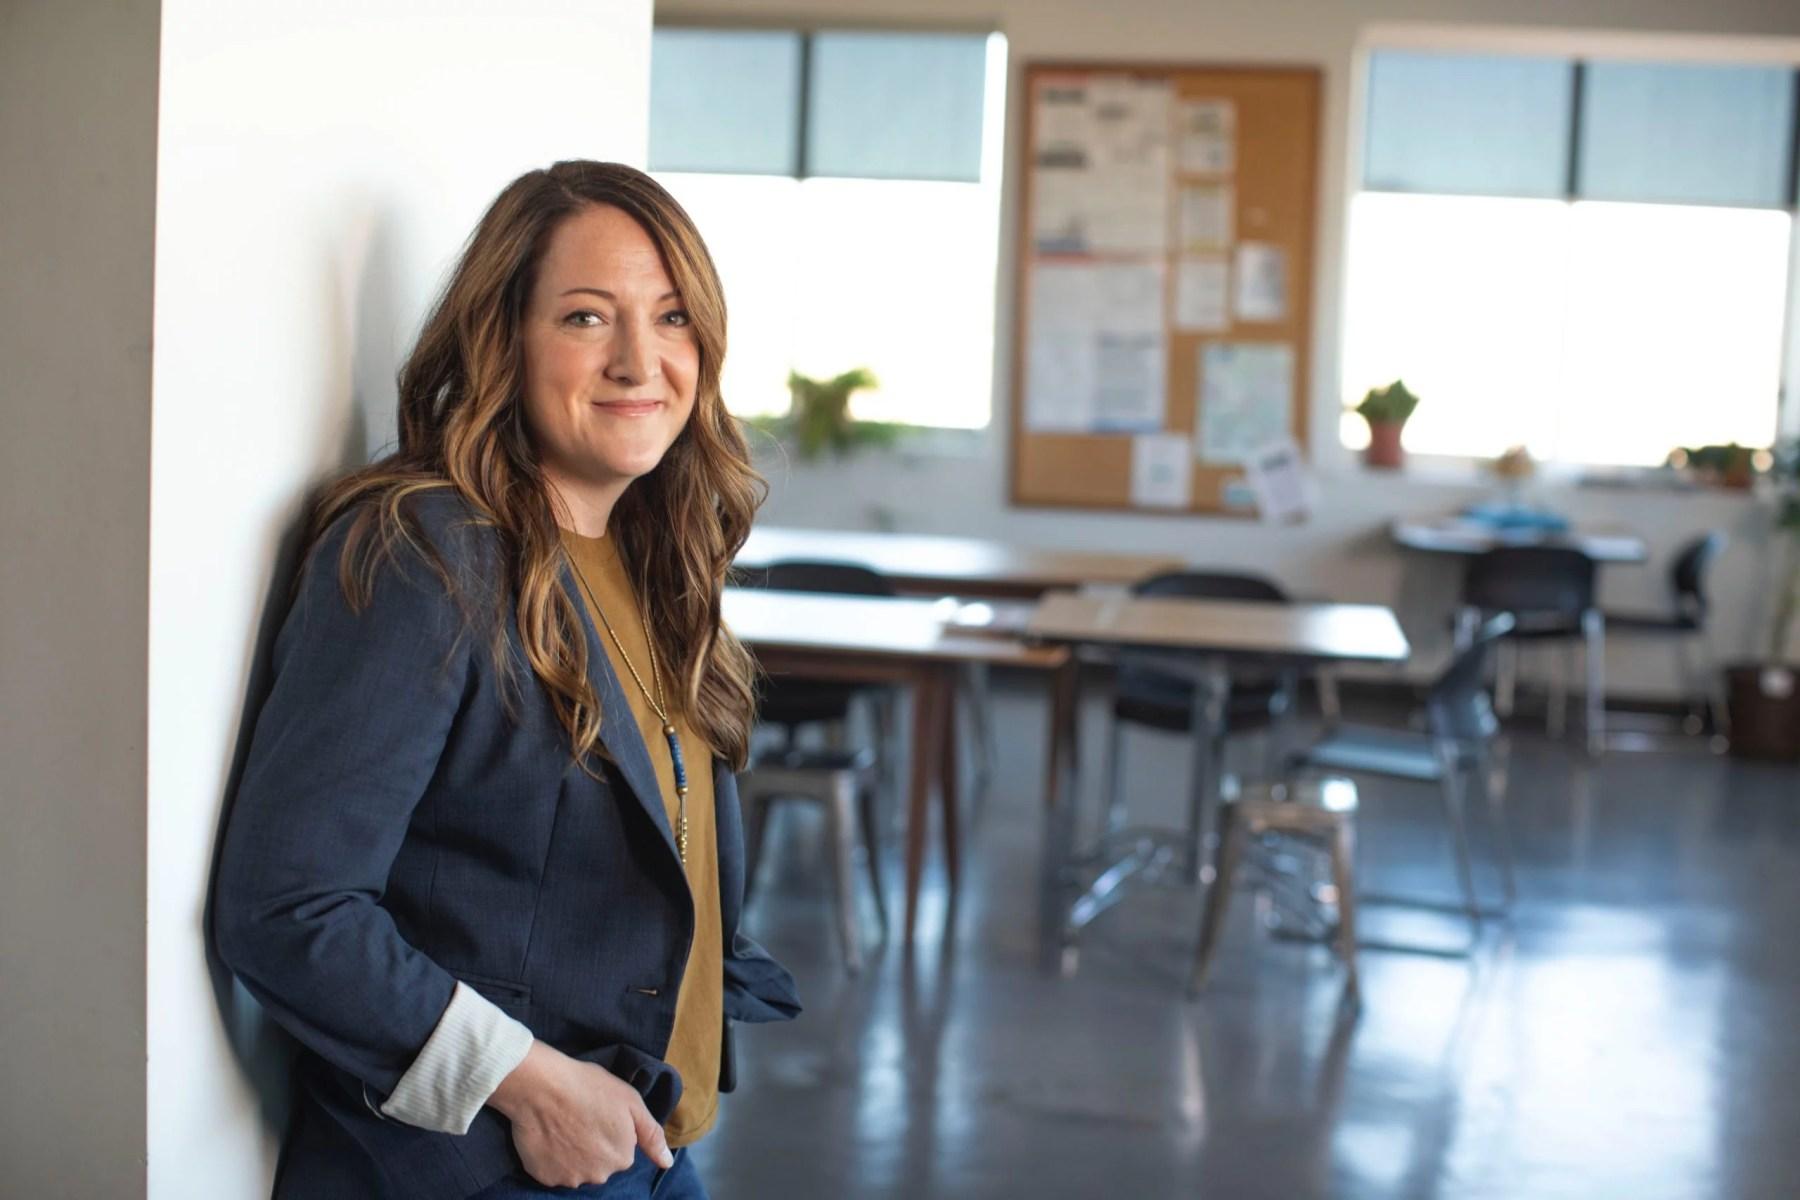 La crise sanitaire pousse plus de monde vers le métier d'enseignant